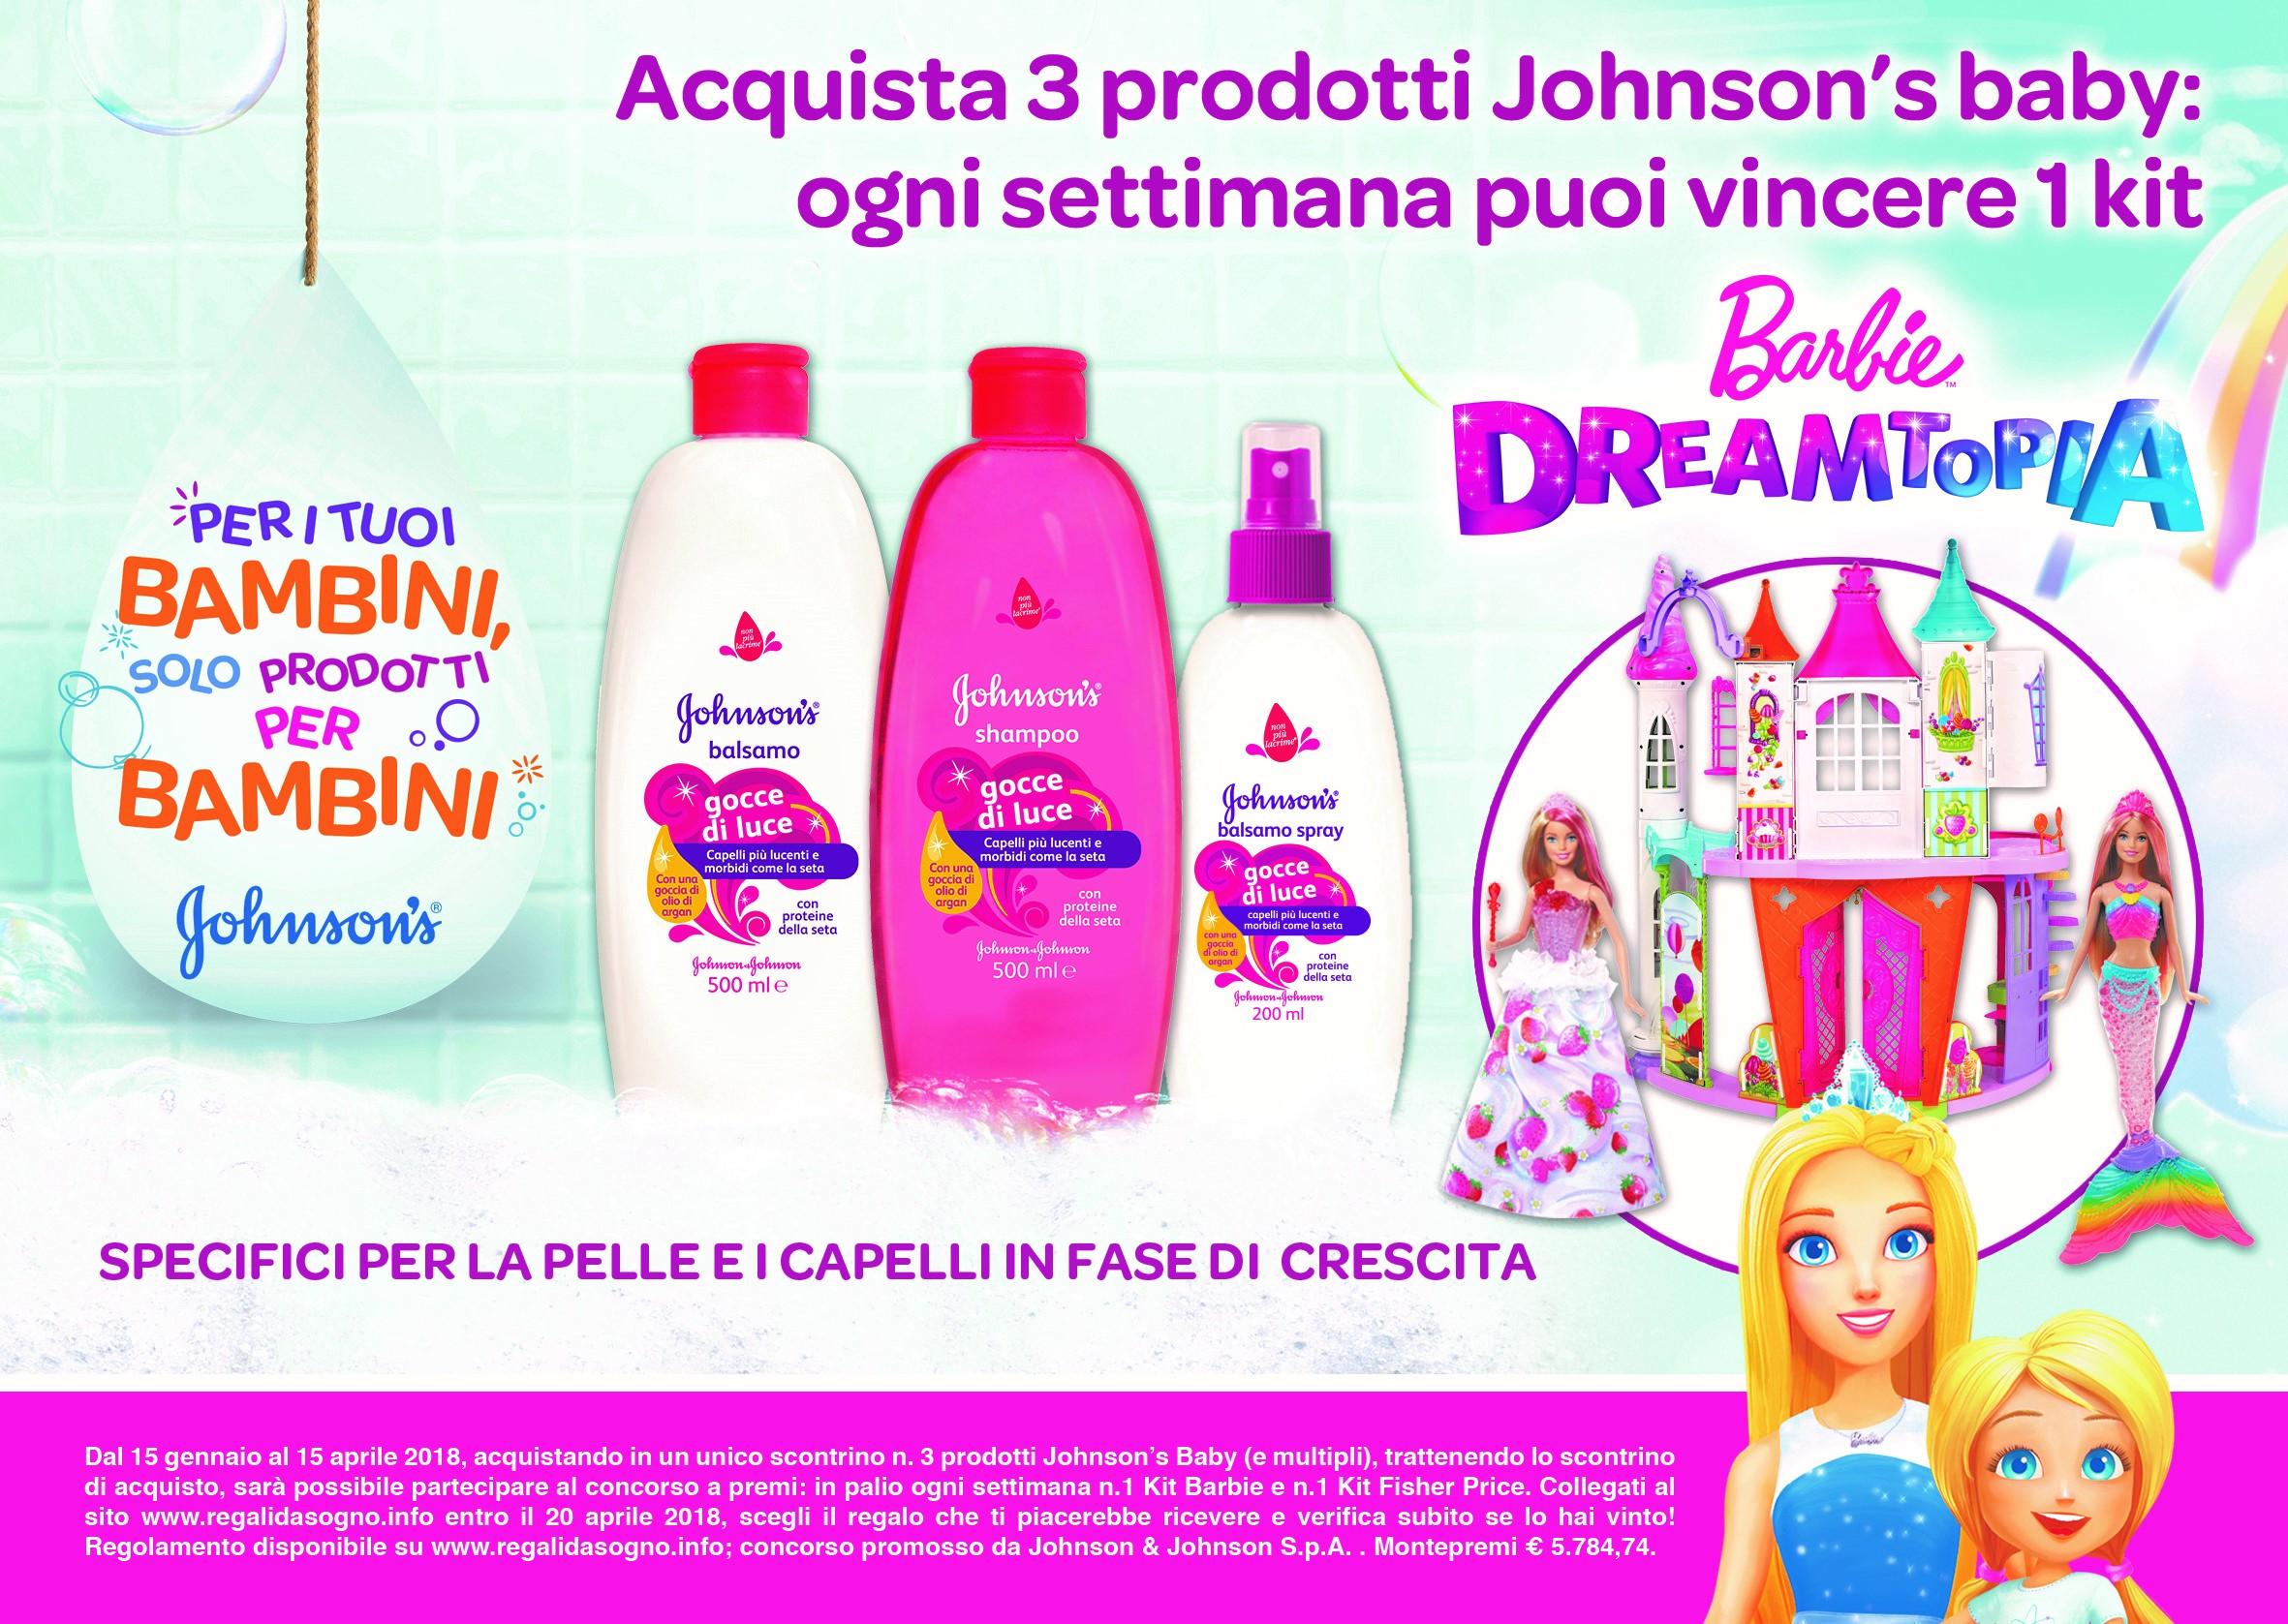 Vinci Barbie Dreamtopia con i prodotti Johnson's Baby